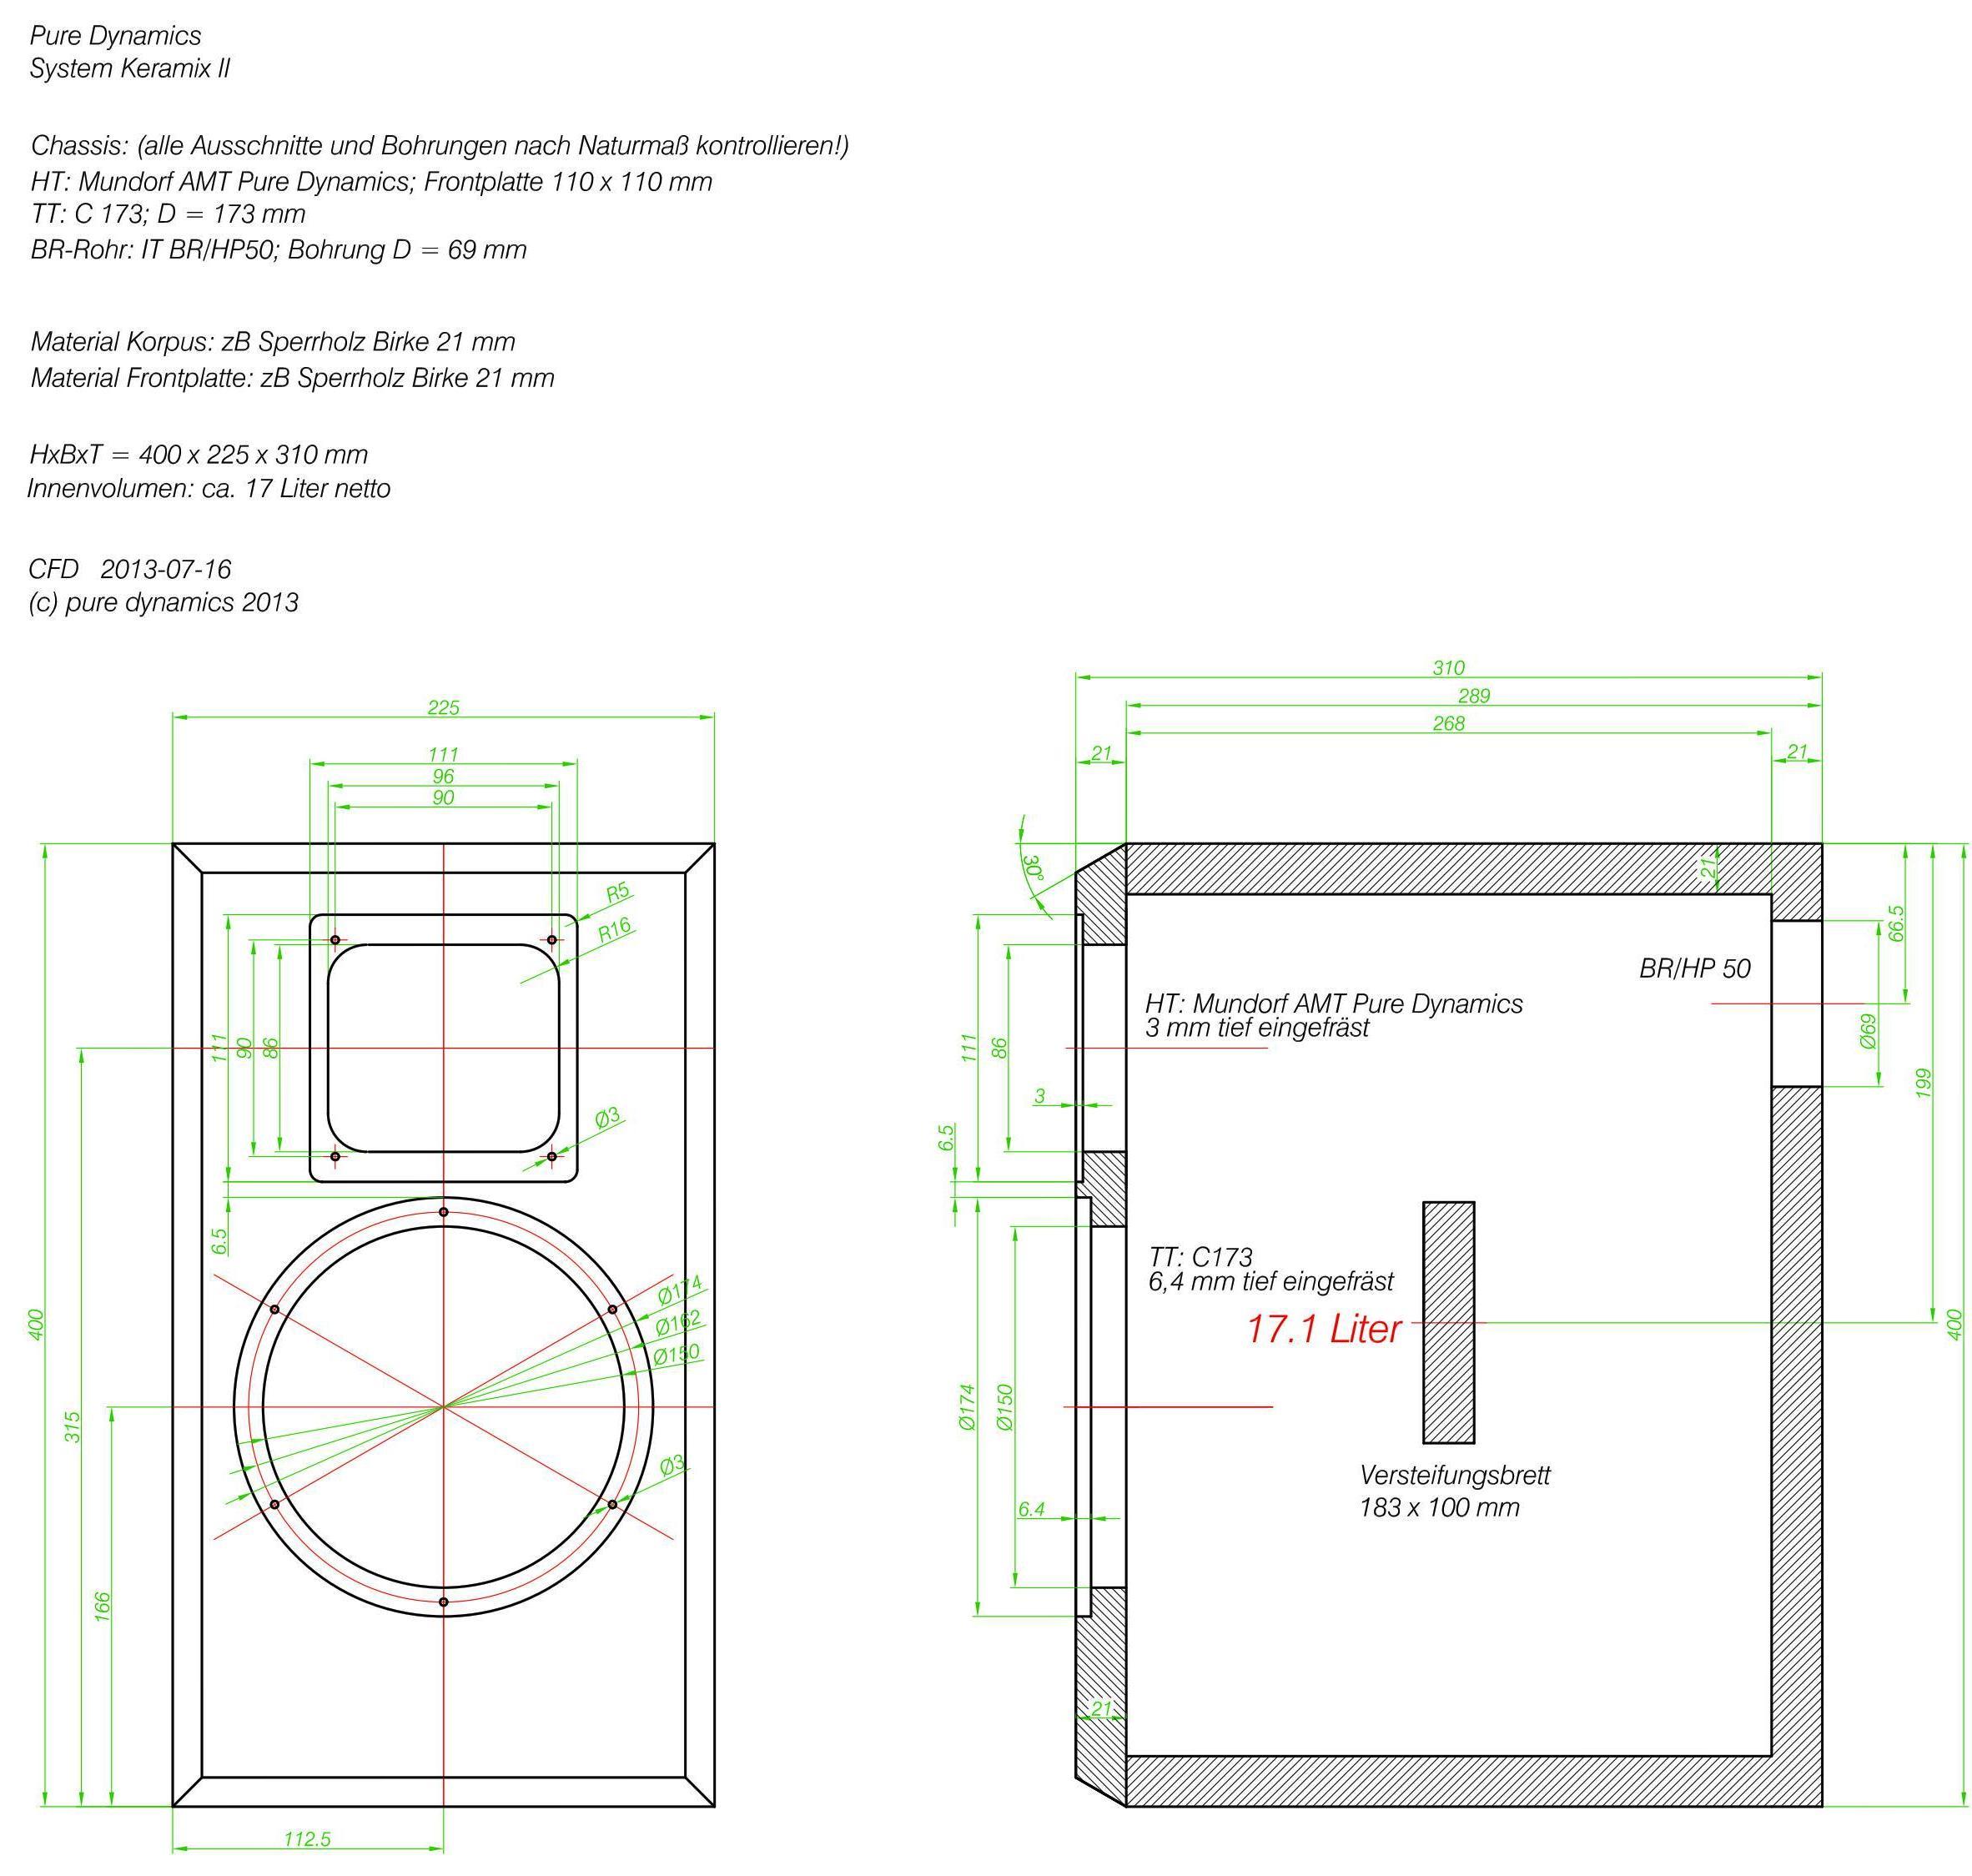 lautsprecherbau thomaier - pure dynamics keramix ii auf gehrung